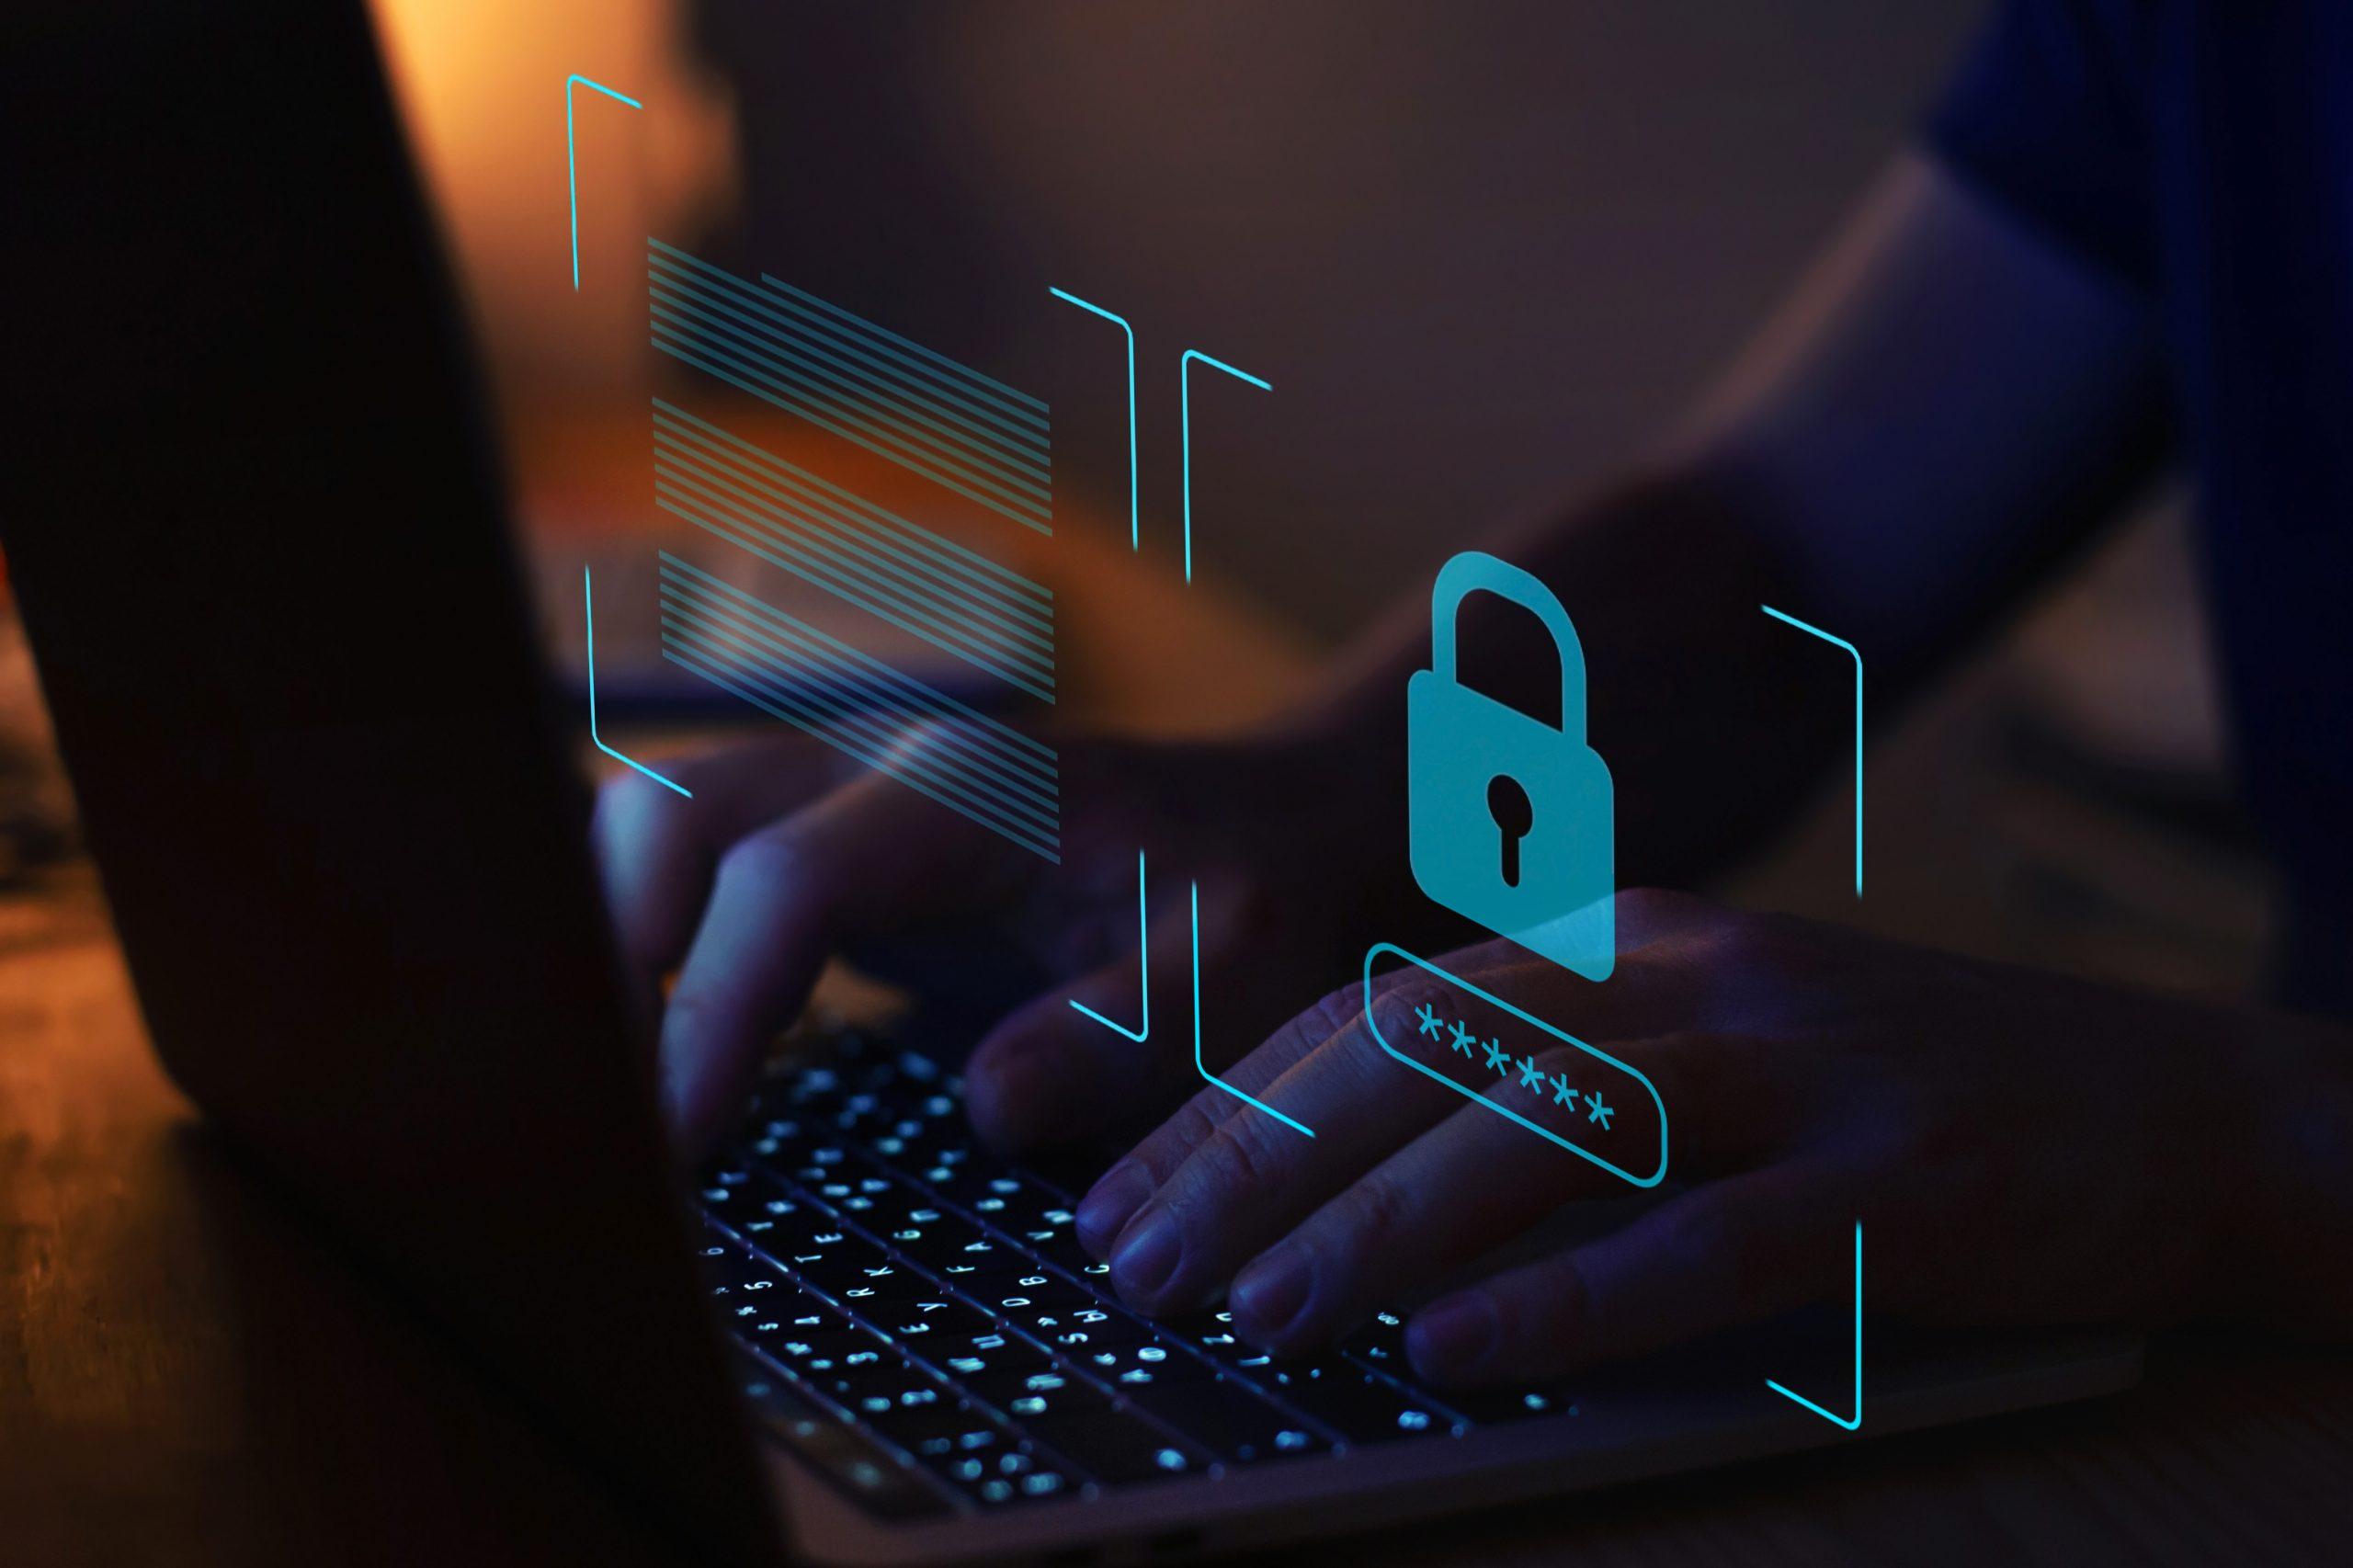 Économie - Le nombre de violations de données explose !